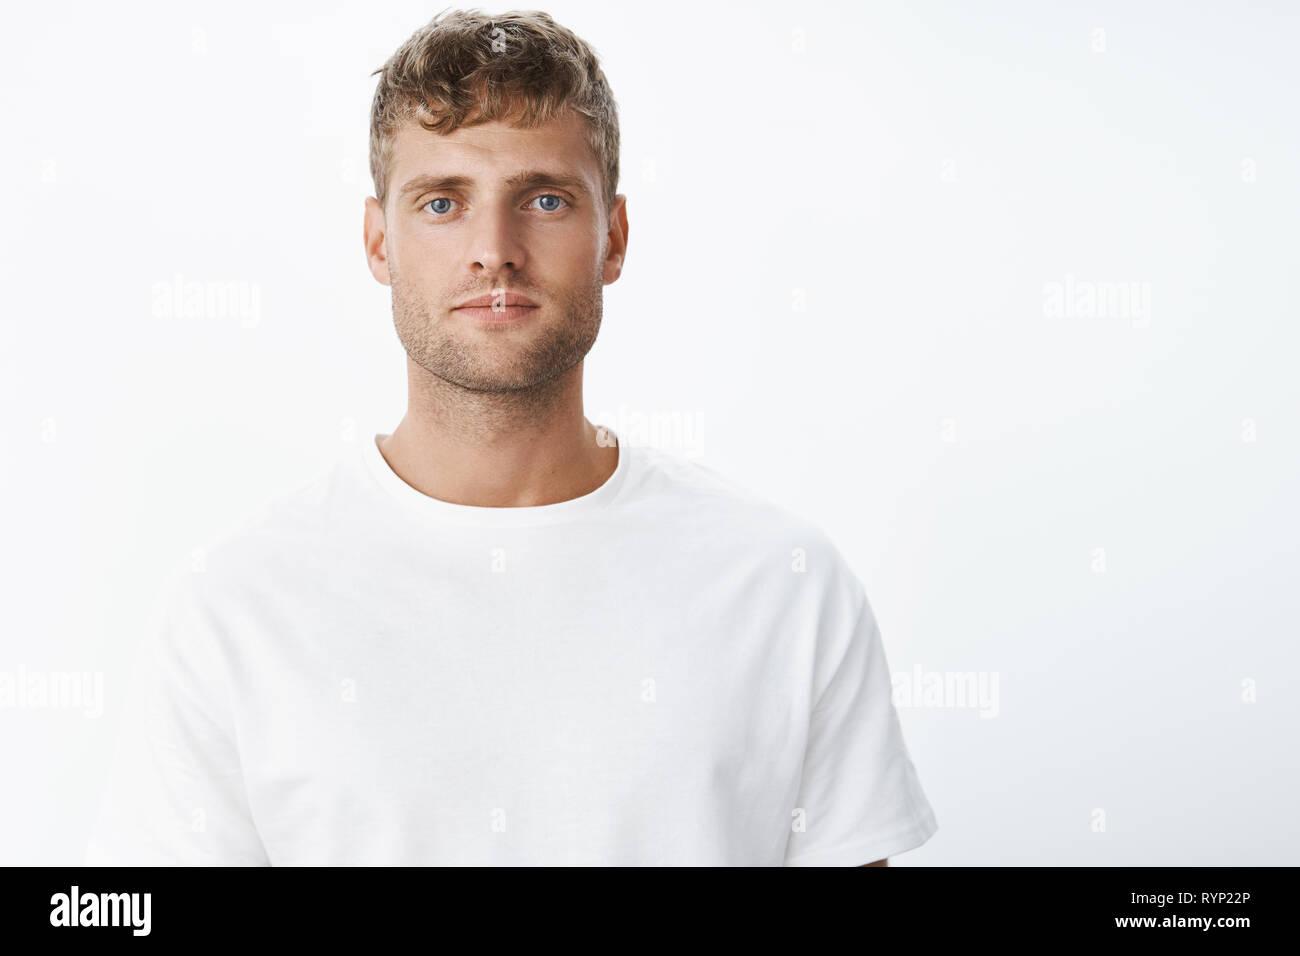 Grave pacífica y tranquila de aspecto atractivo hombre europeo rubia con ojos azules y cerdas mirando a la cámara enfocada y chill sin emociones Imagen De Stock